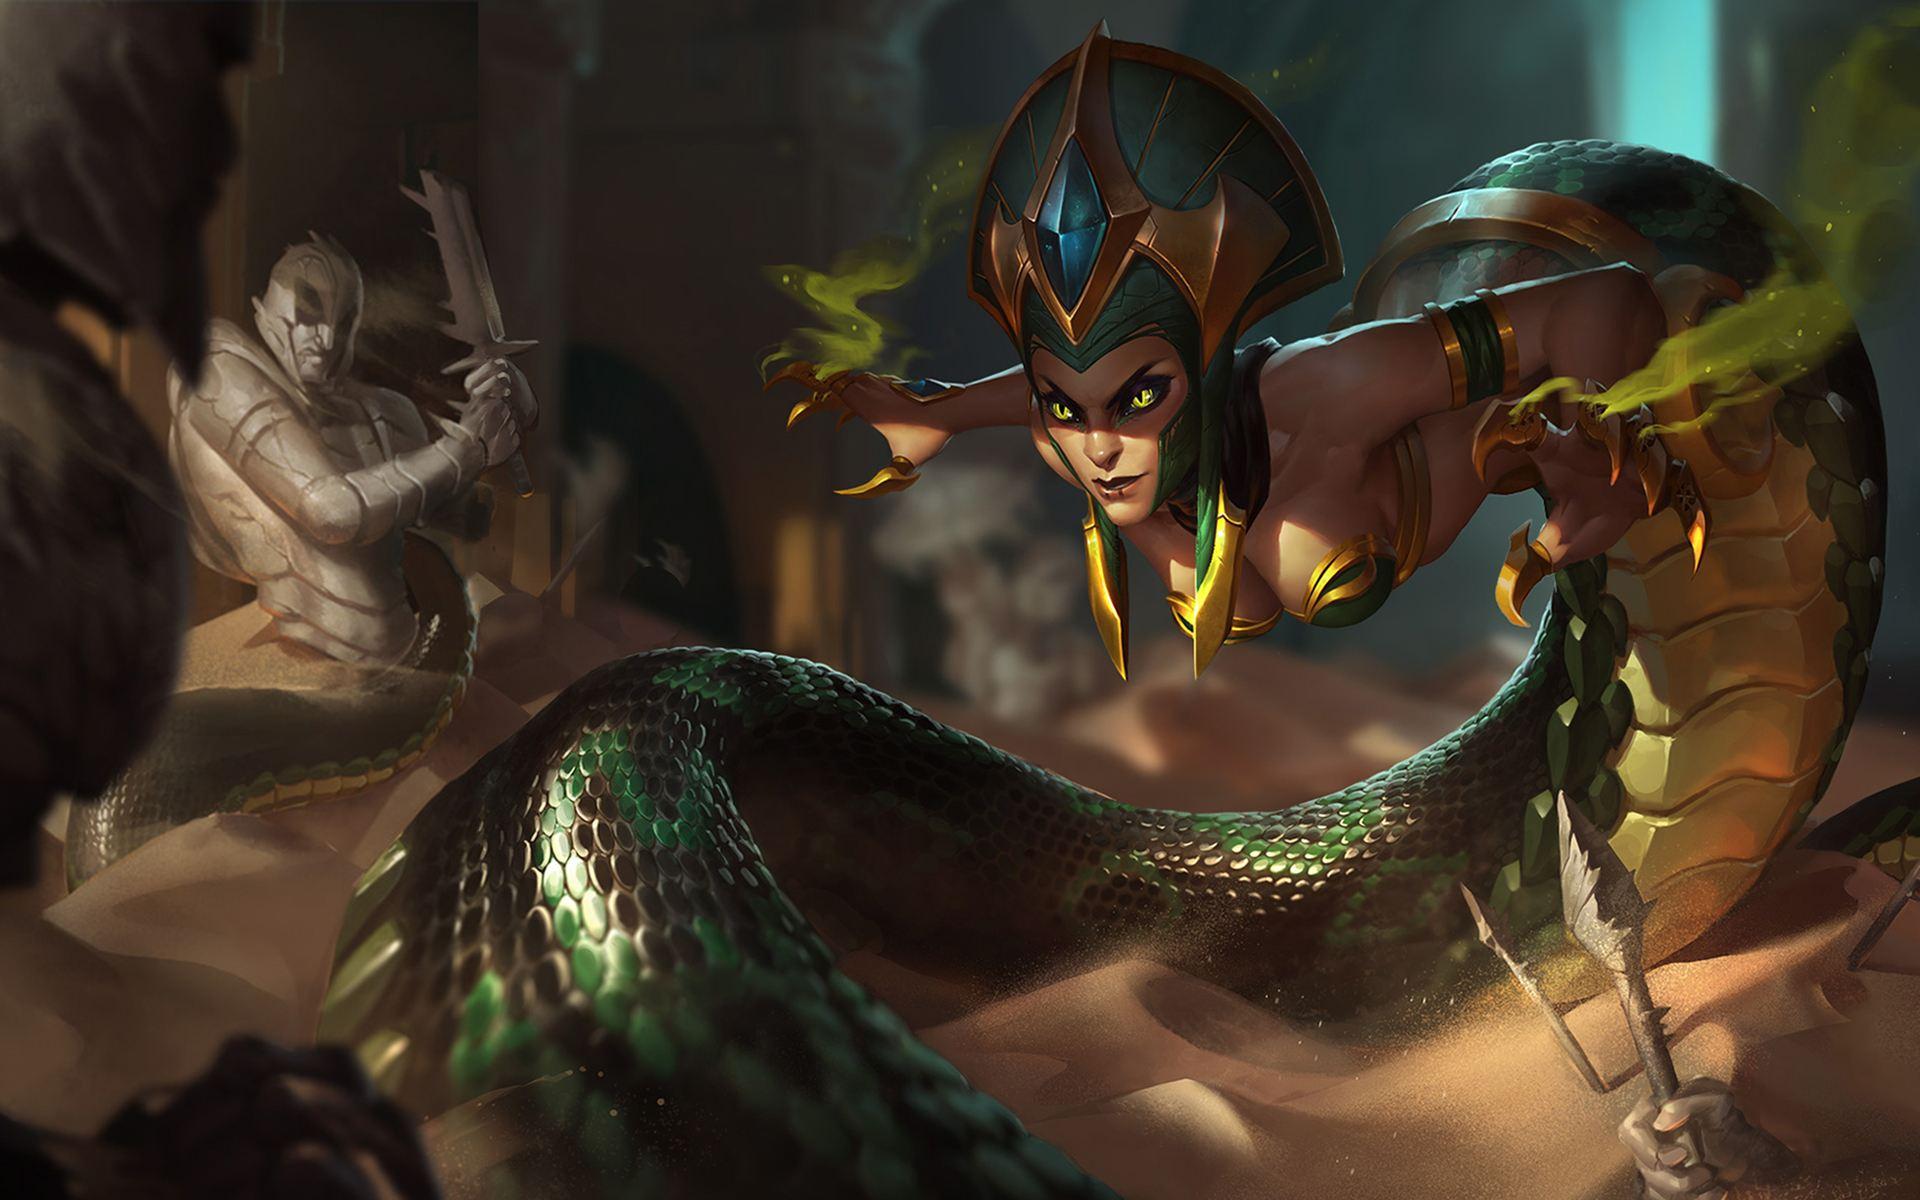 英雄联盟蛇女台词,lol魔蛇之拥卡西奥佩娅台词大全